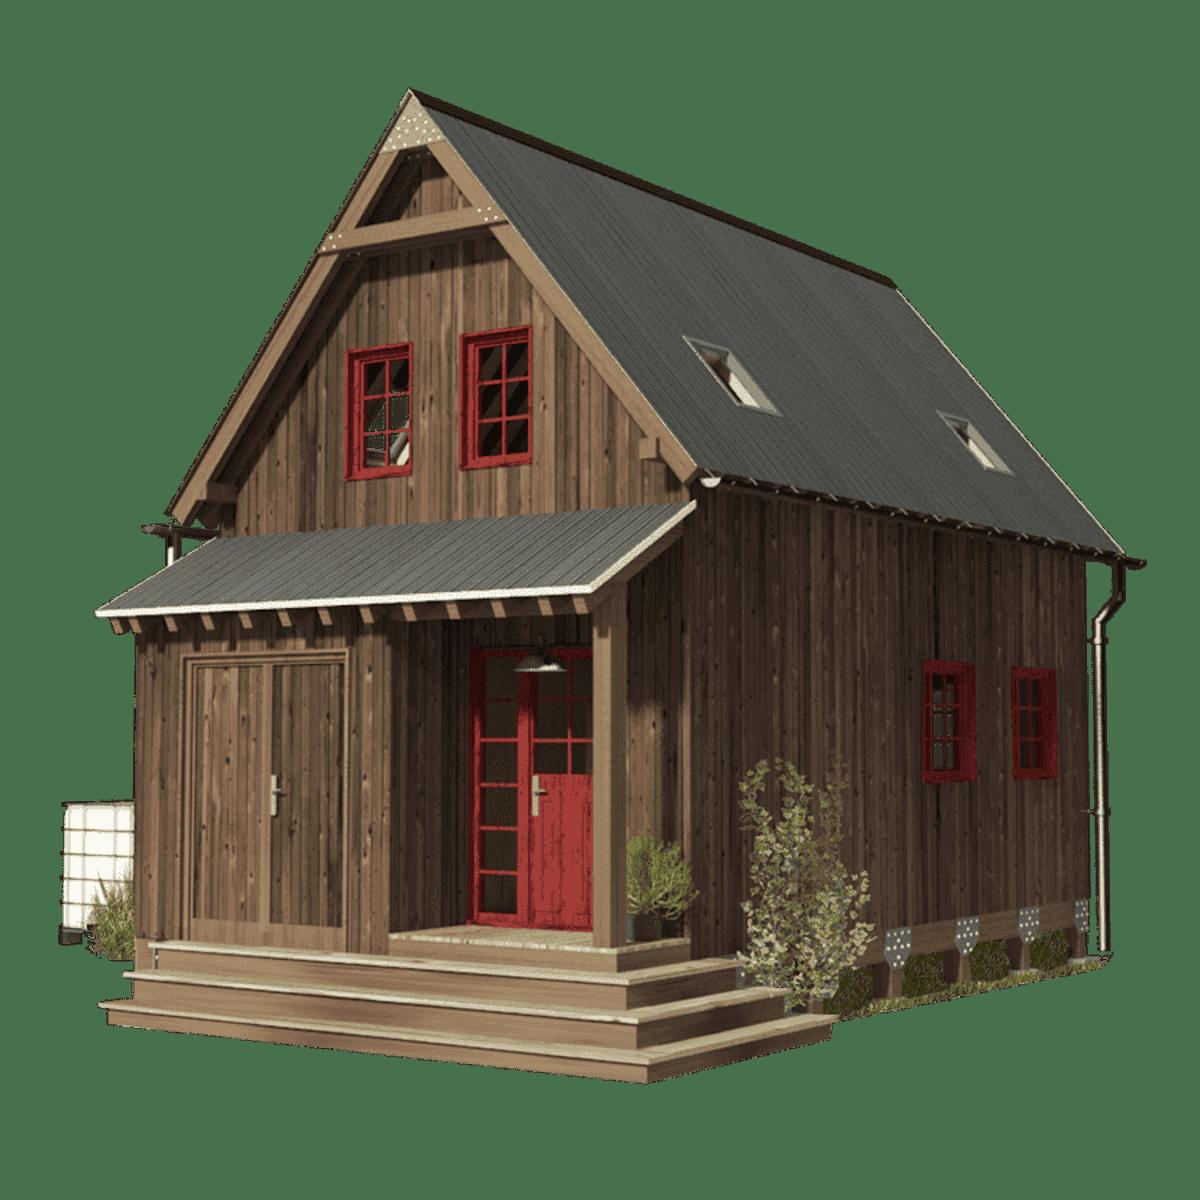 Amy a Small 3 Bedroom Tiny House - Tiny House Blog